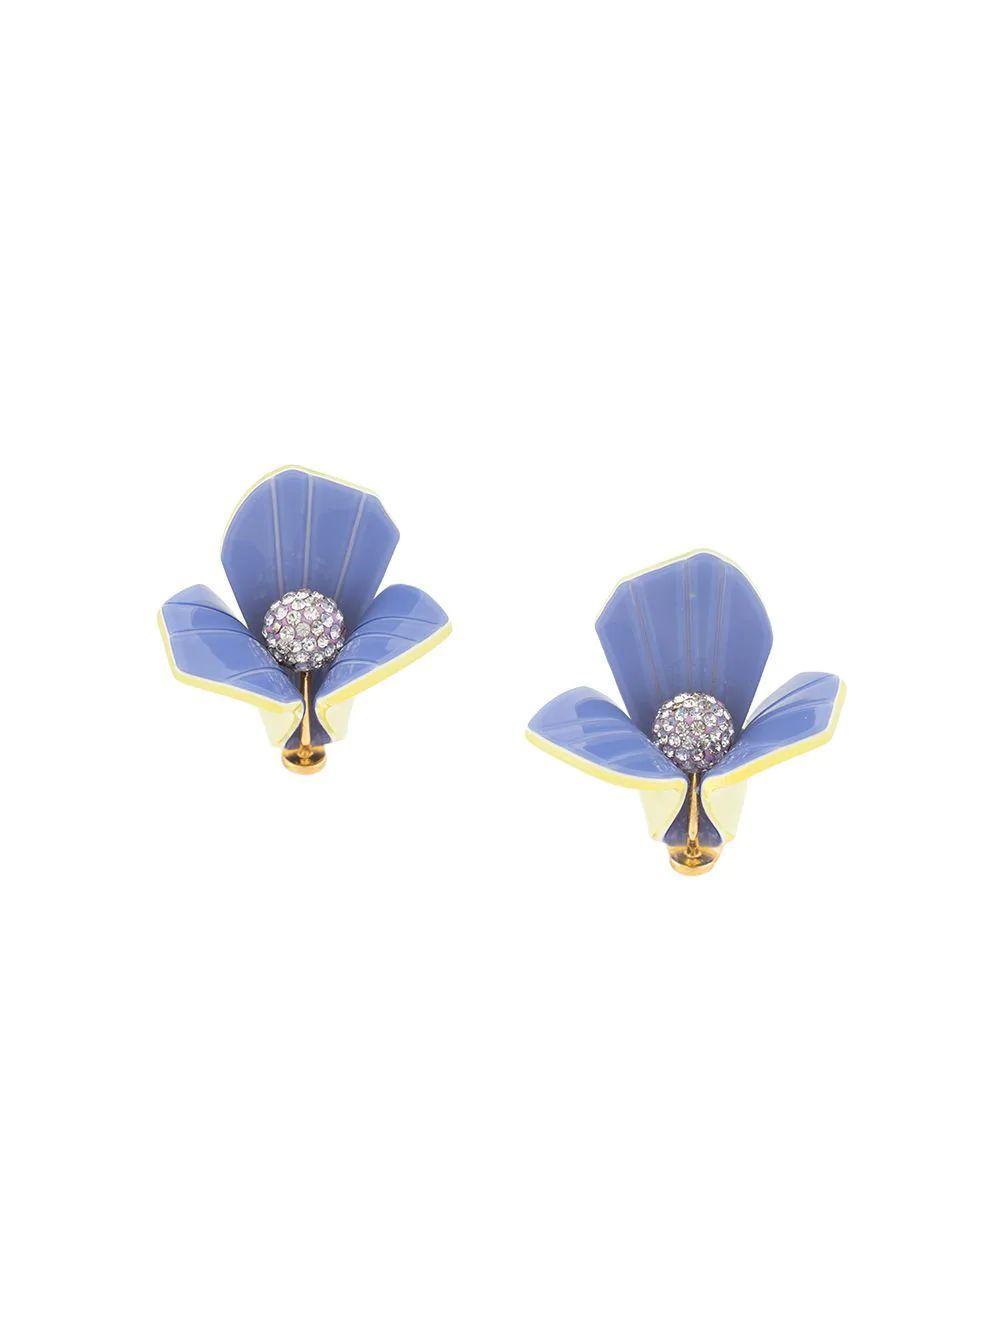 Trillium Stud Earrings Item # LS0754PW